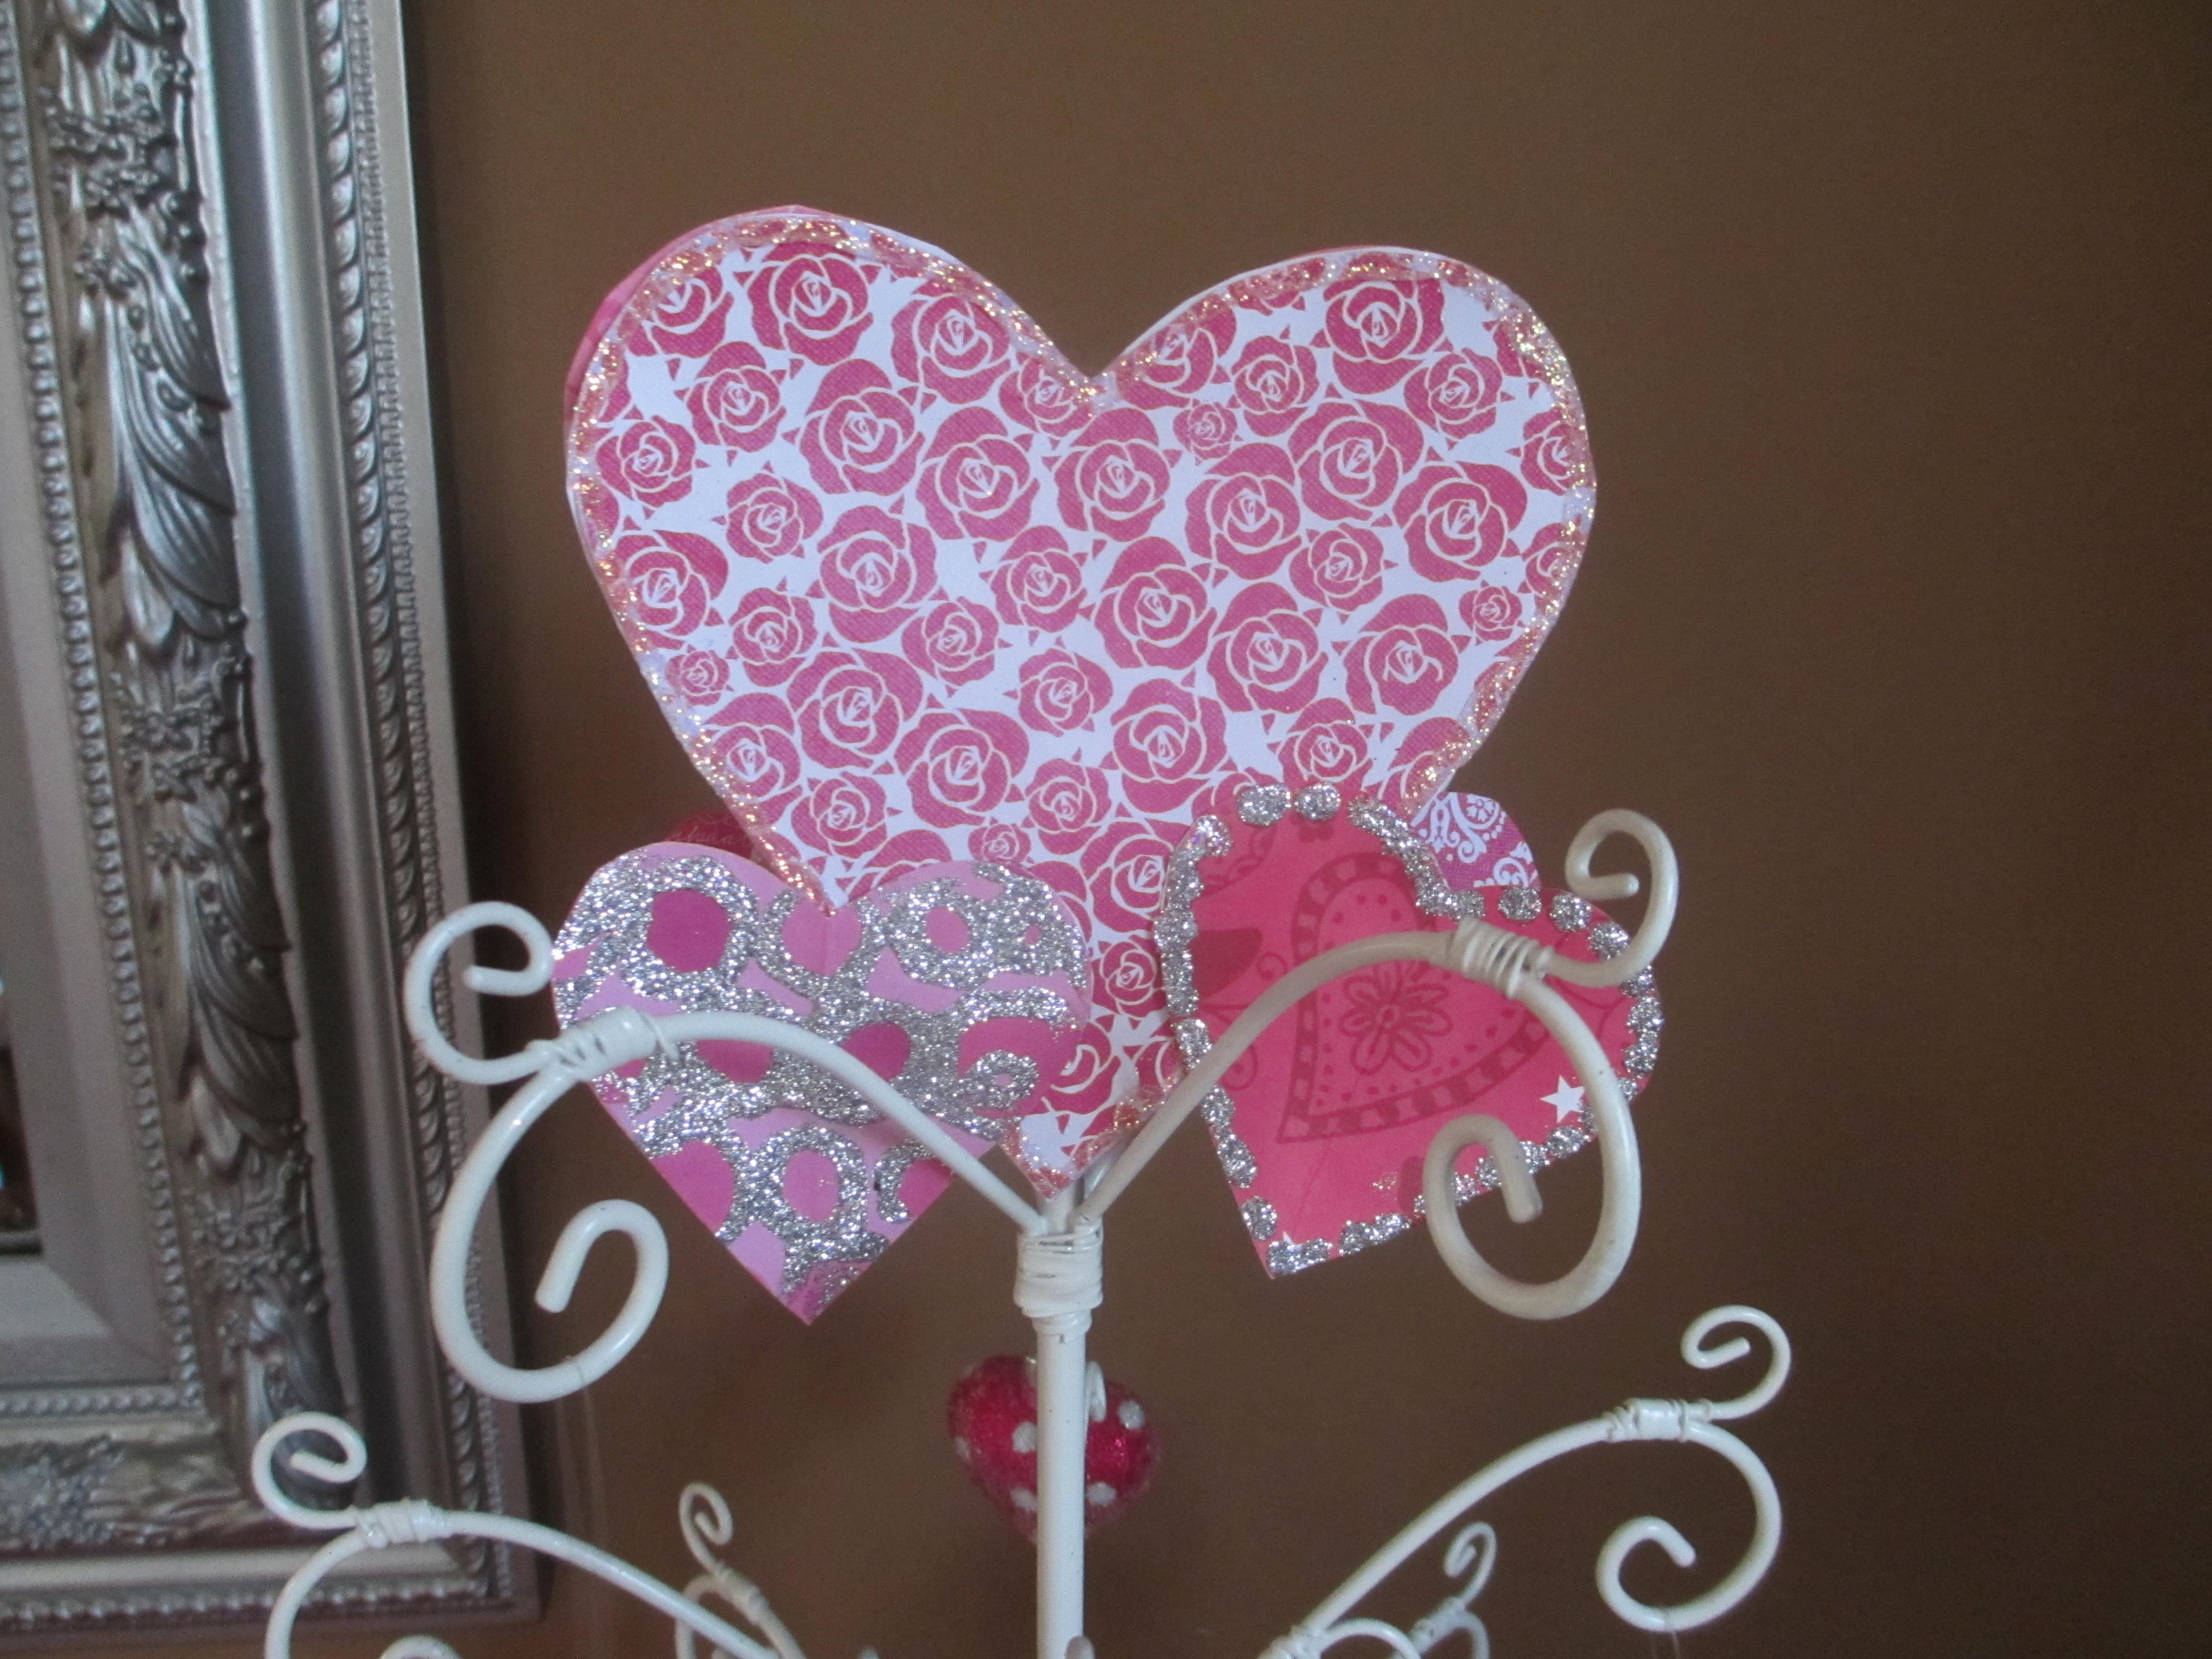 heartclose2